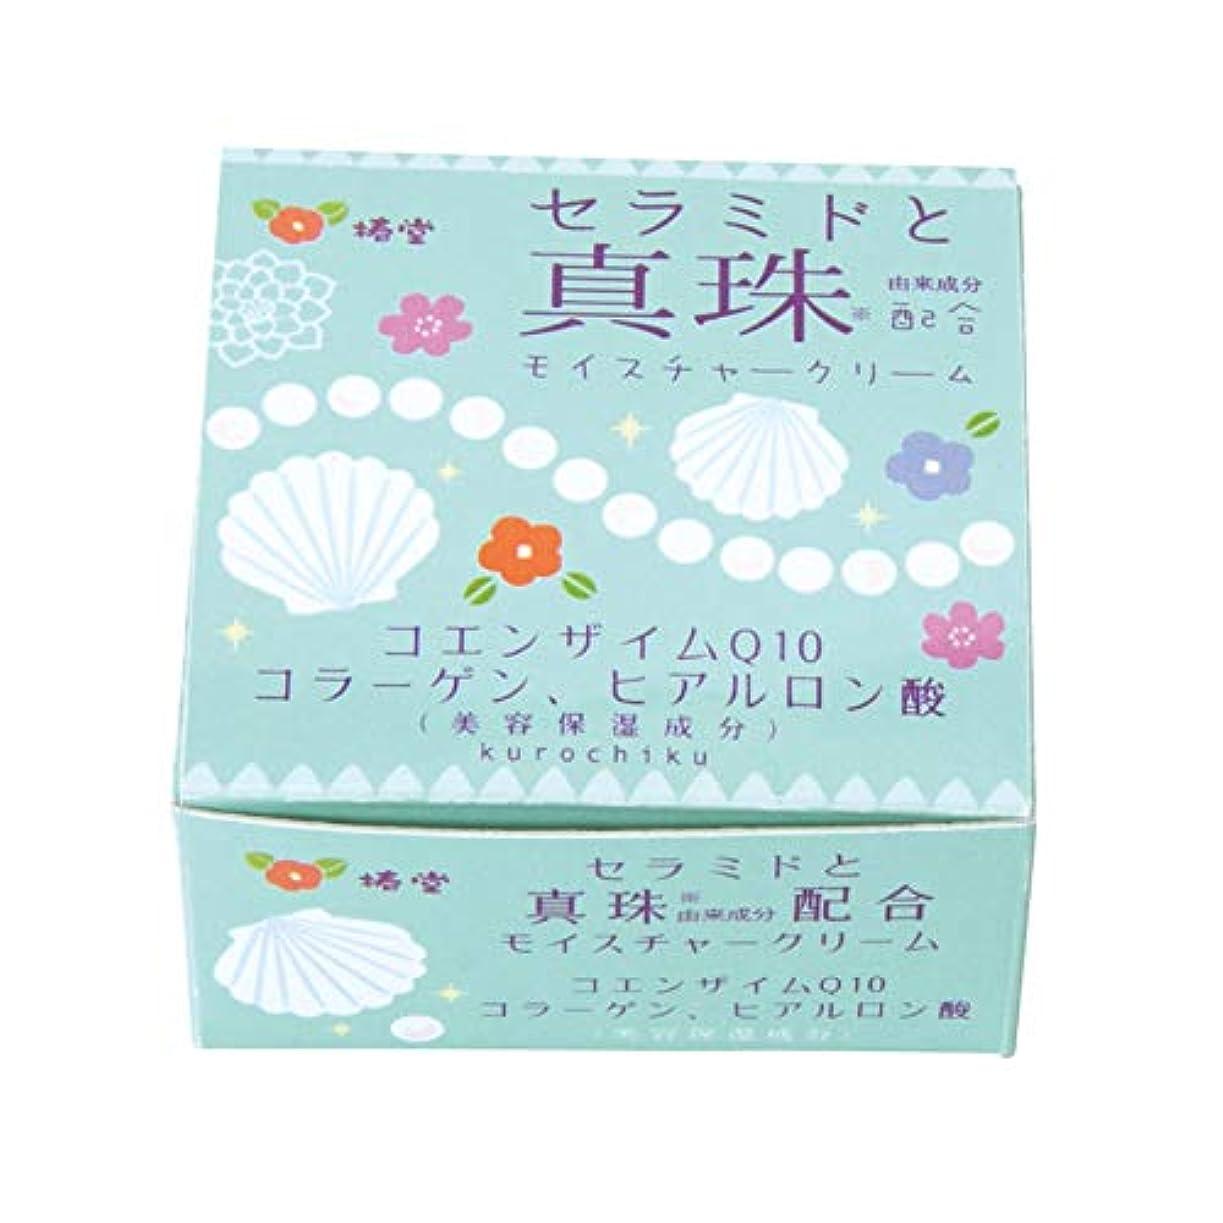 カフェテリア執着かりて椿堂 真珠モイスチャークリーム (セラミドと真珠) 京都くろちく